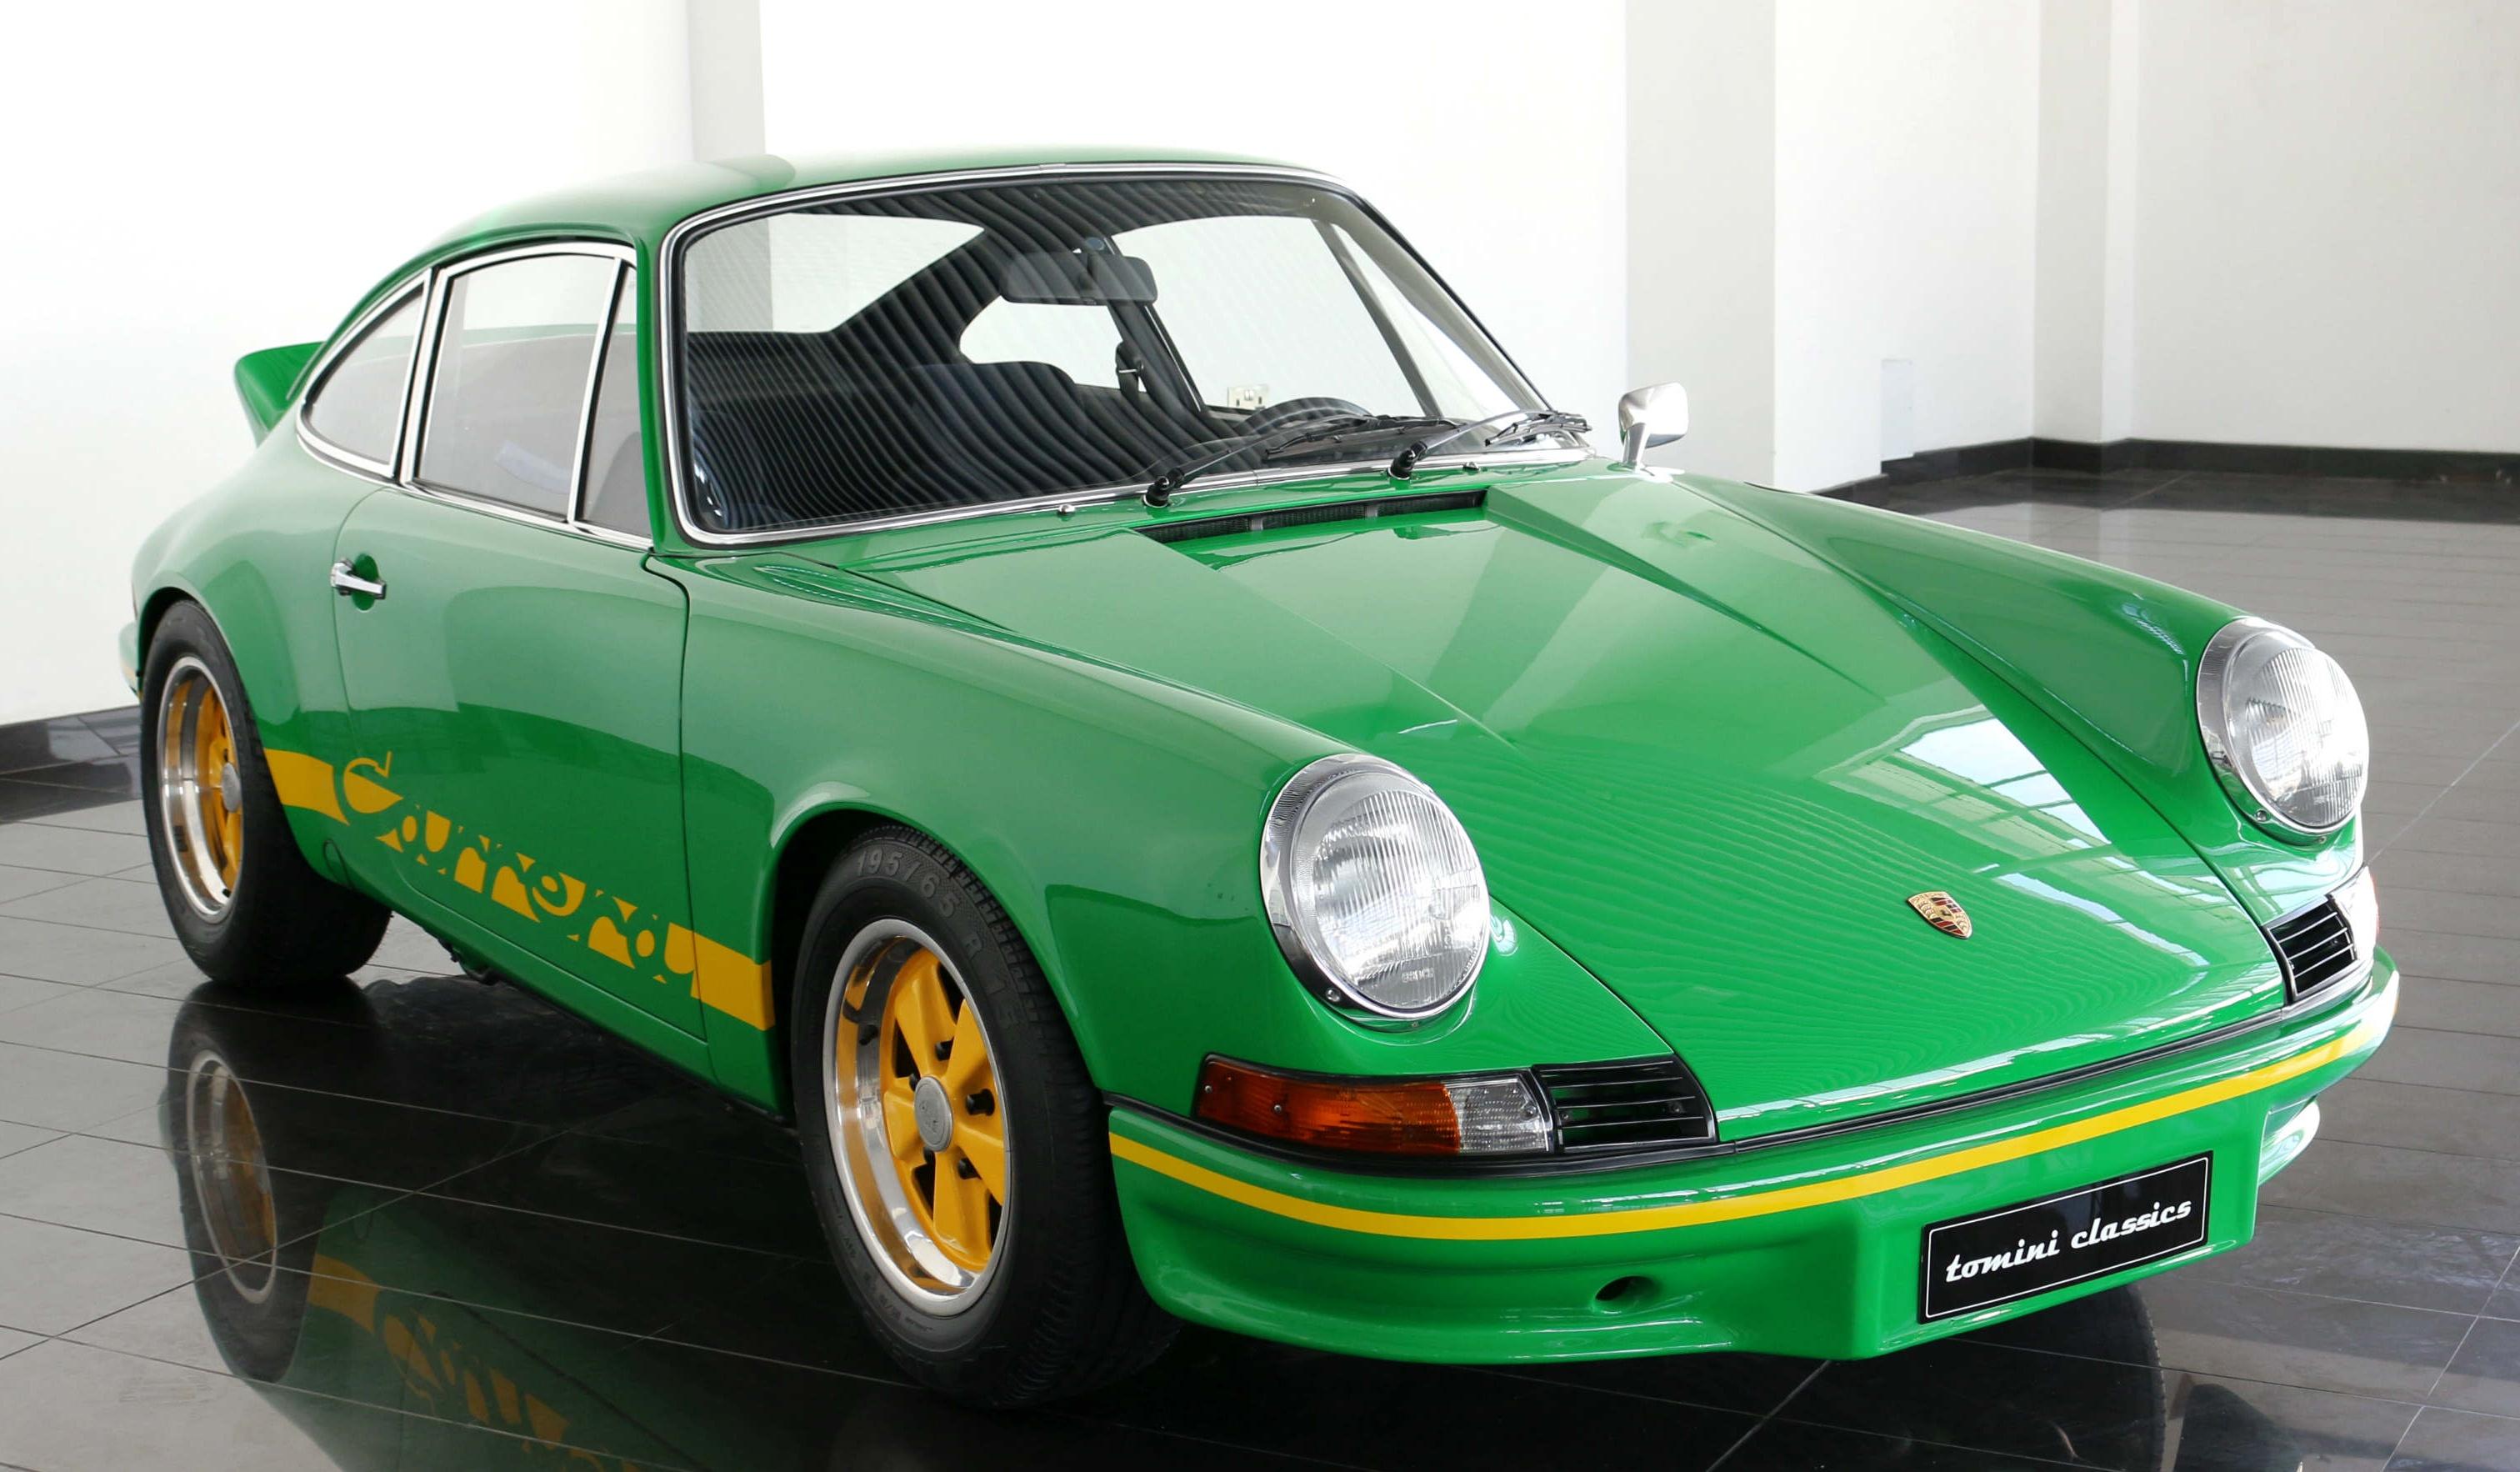 1973 Porsche 911 Carrera Rs 2 7 Lightweight Classic Driver Market